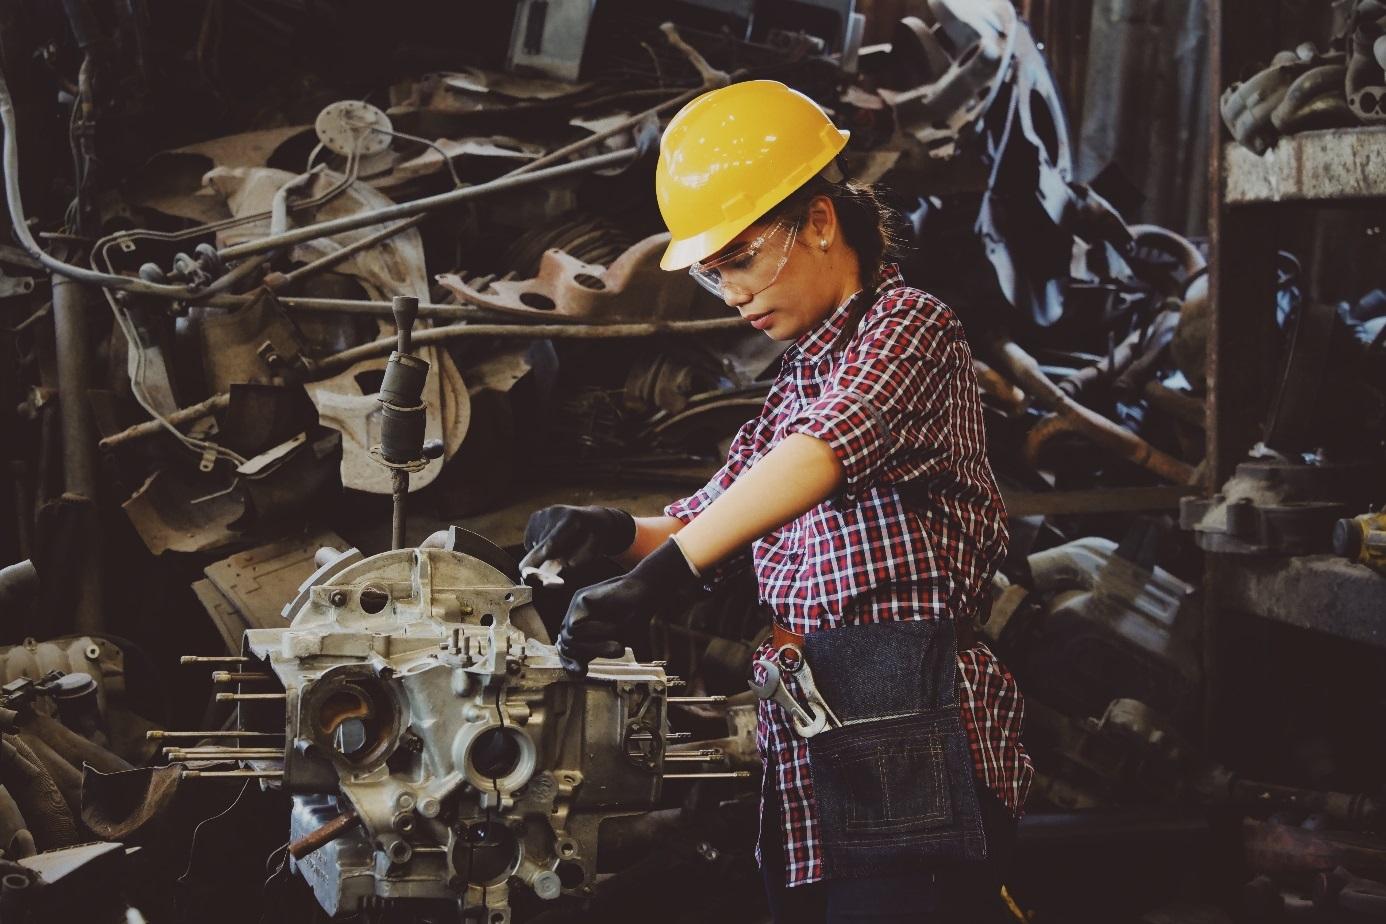 Junge Frau mit Helm bedient eine Industriemaschine.